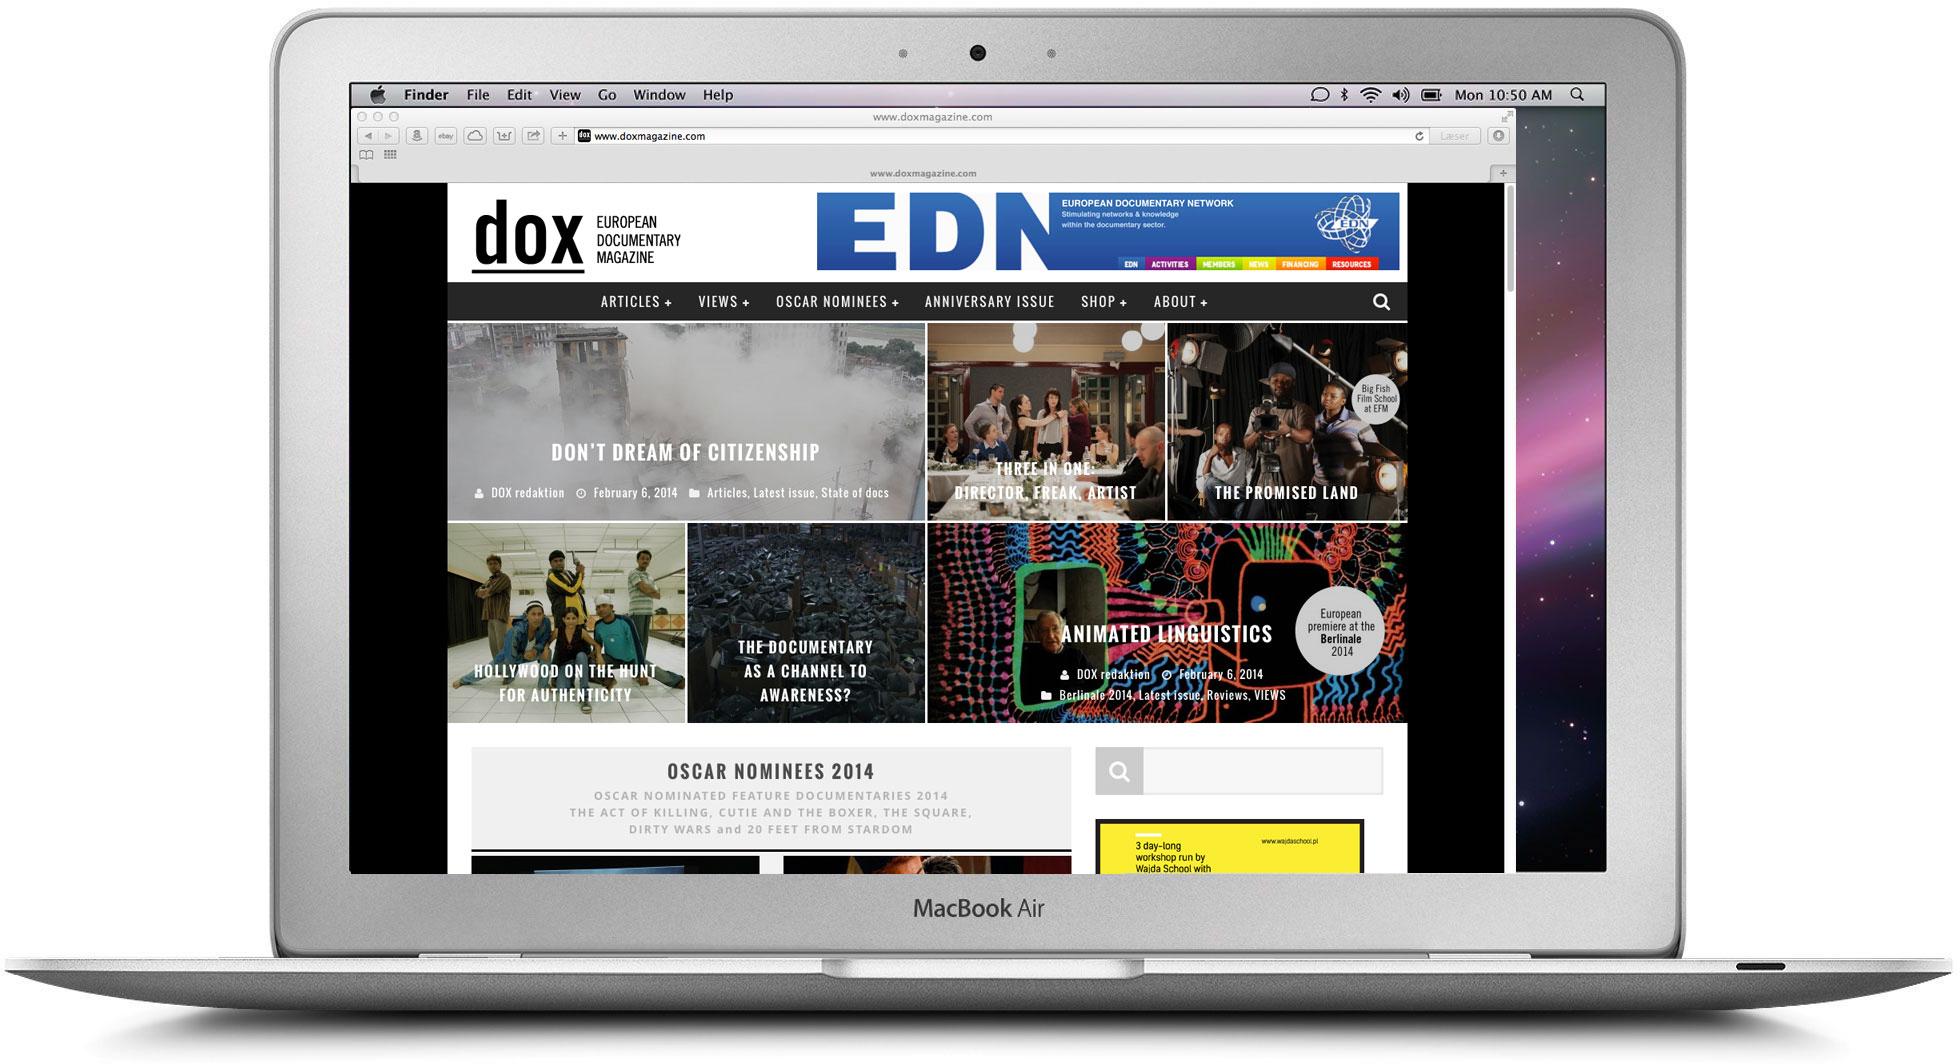 DOX_Macbook-Air